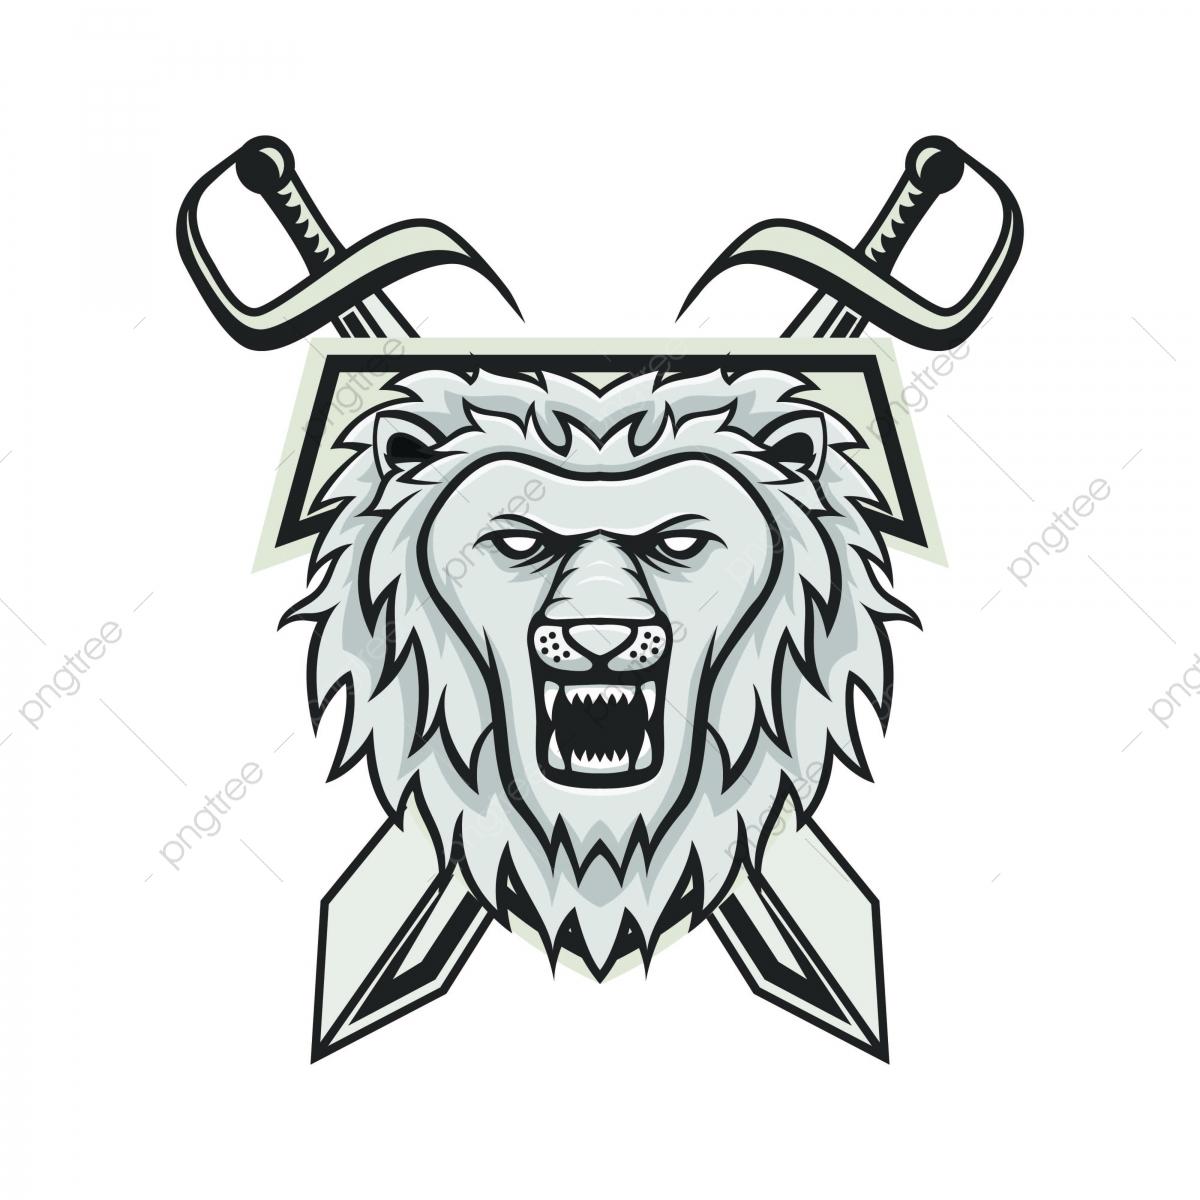 Löwen Maskottchen Kopf Logo Illustration Emblem Isolierte